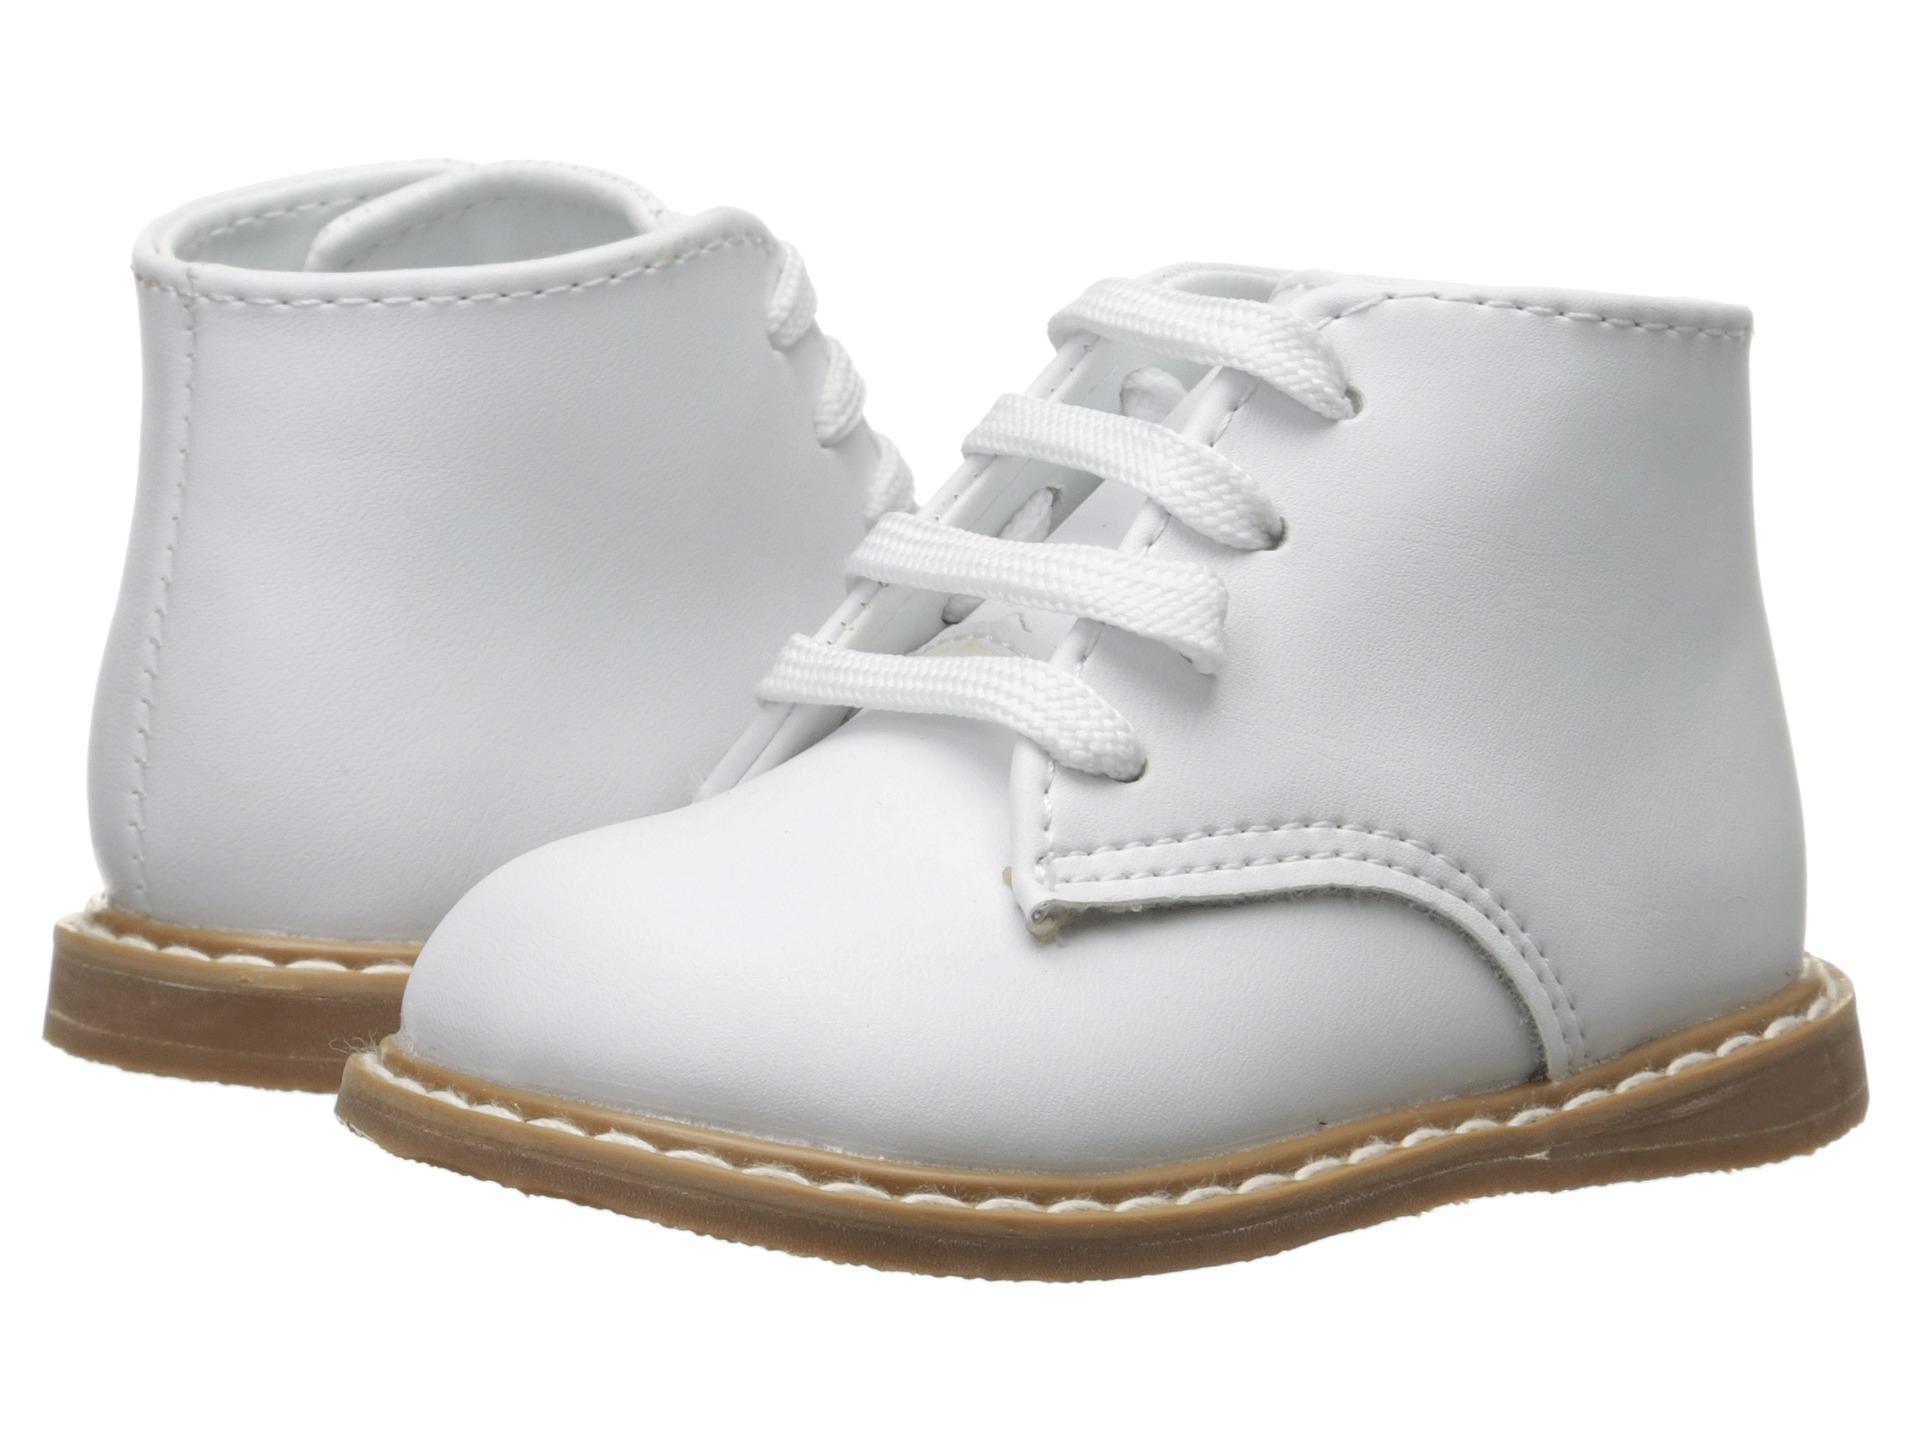 Toddler Walking Shoes Size